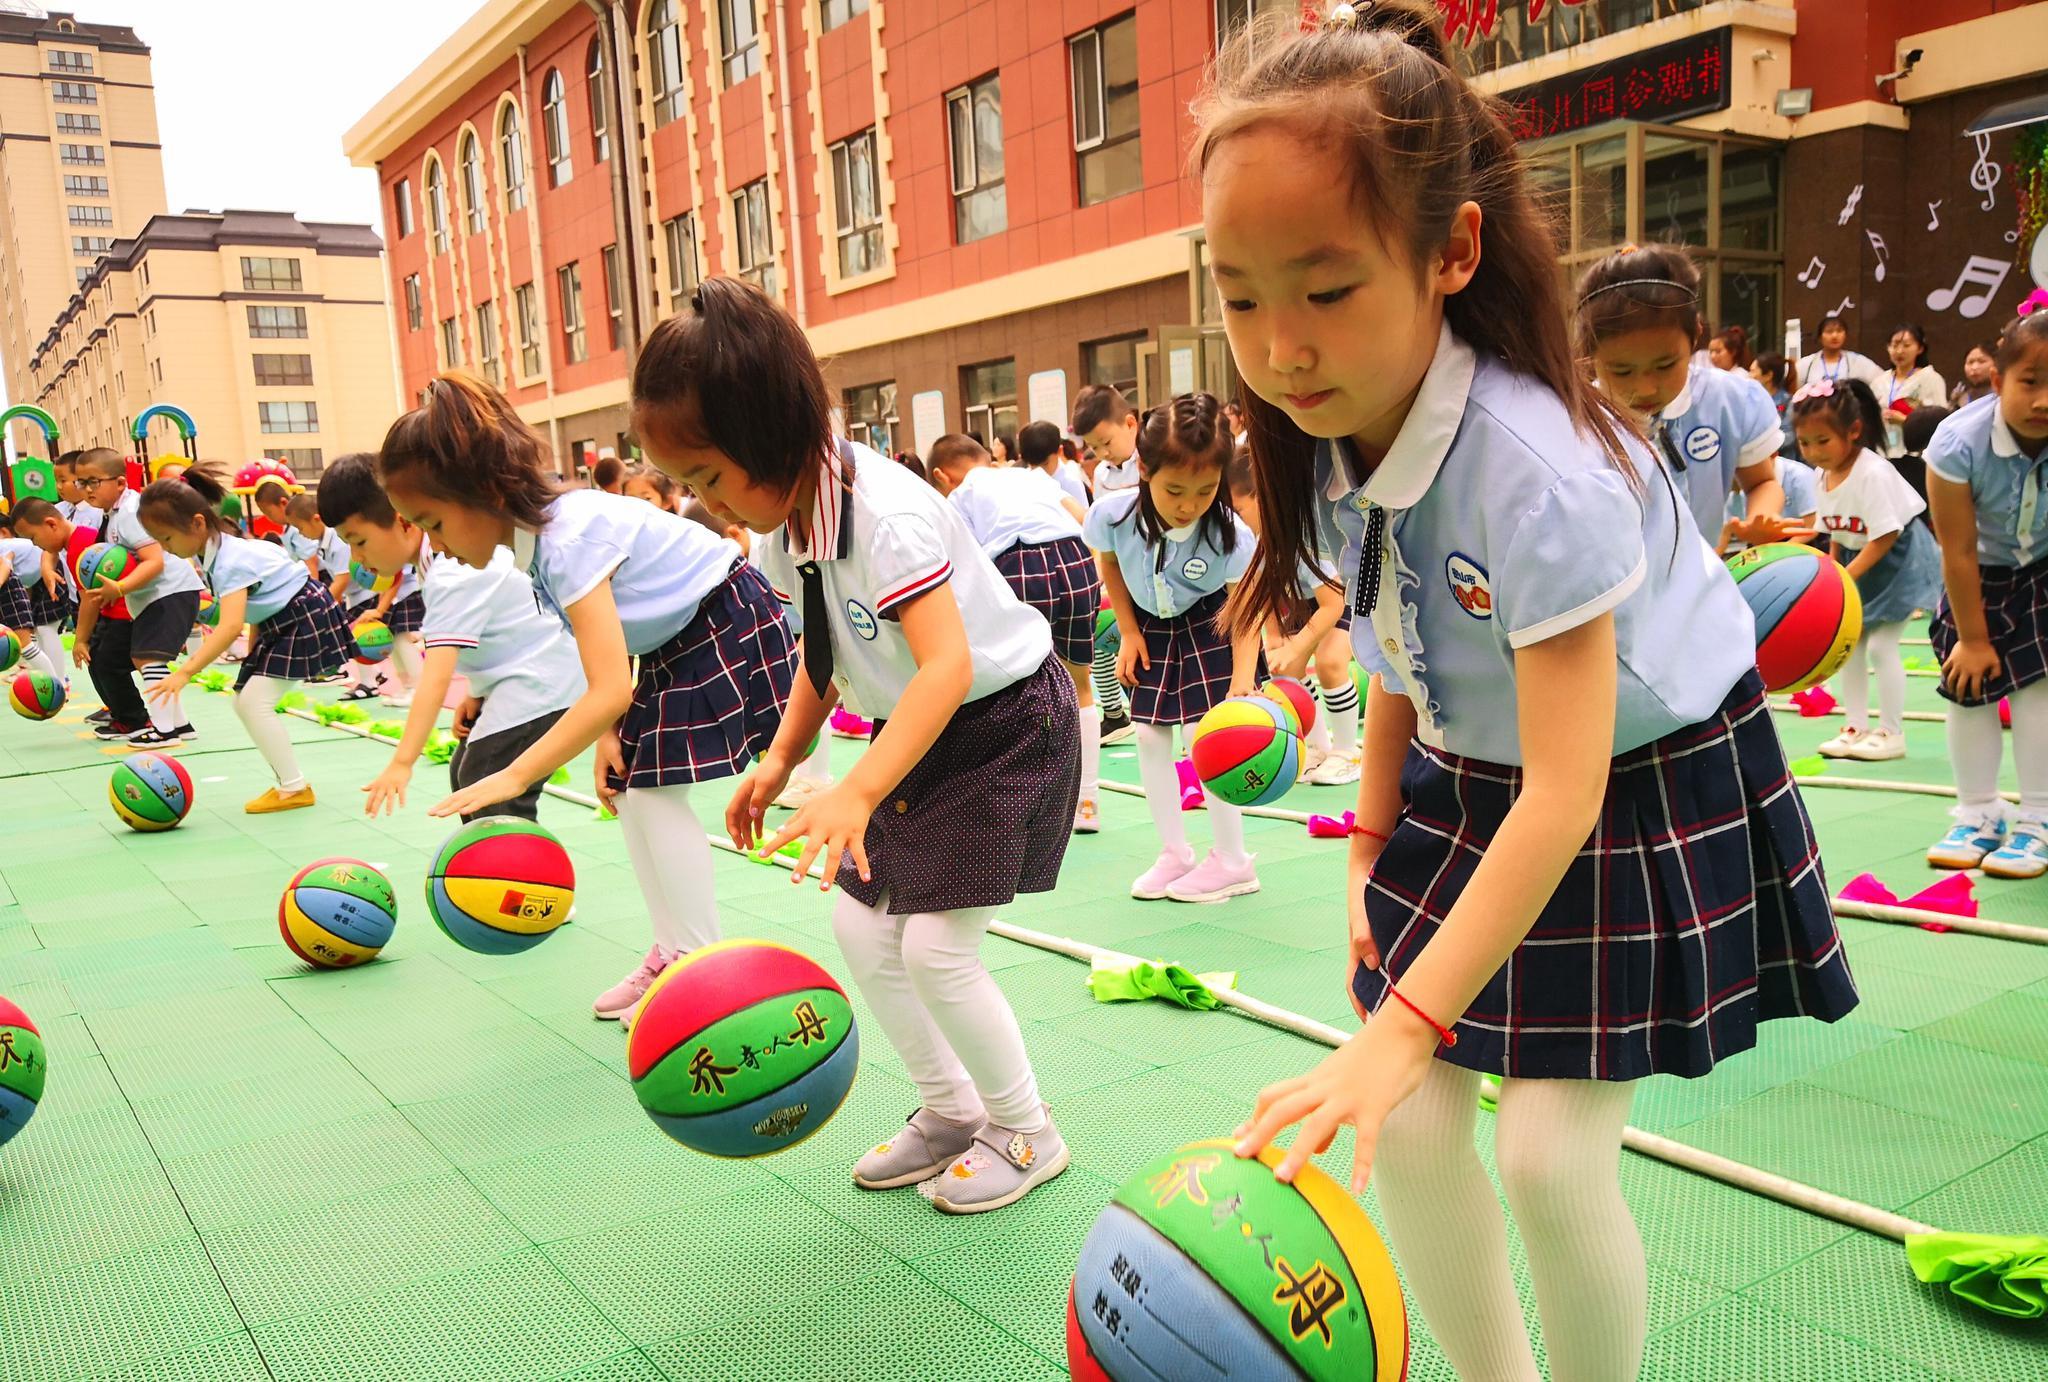 密山市逸夫幼儿园特色体育活动展示